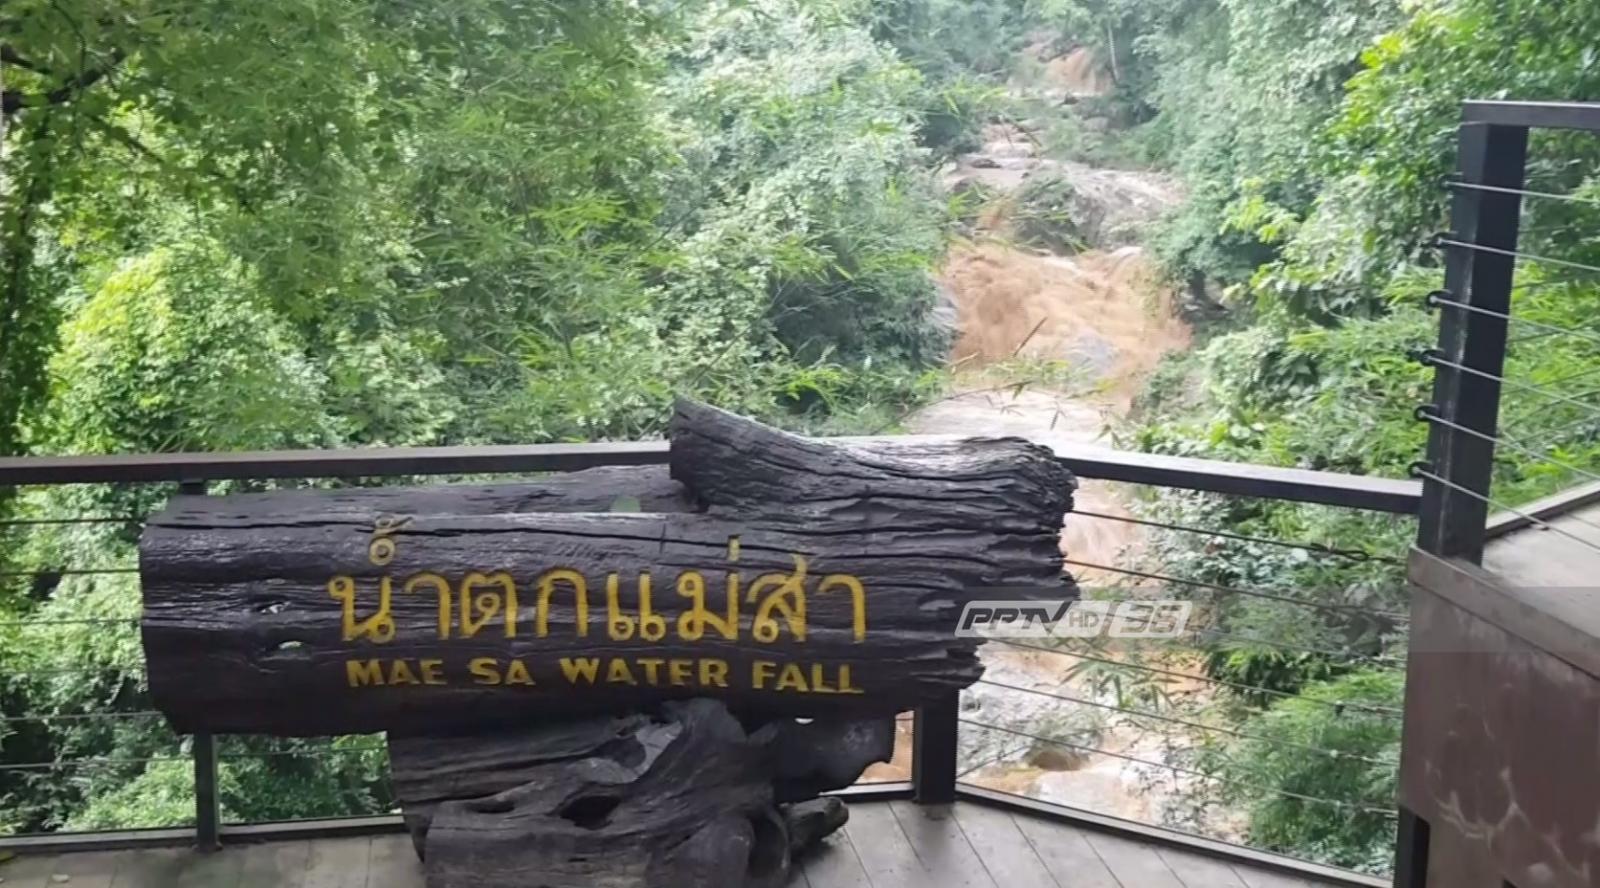 ช่วยระทึก 2 นักท่องเที่ยวต่างชาติติดน้ำป่ากลางน้ำตกแม่สา